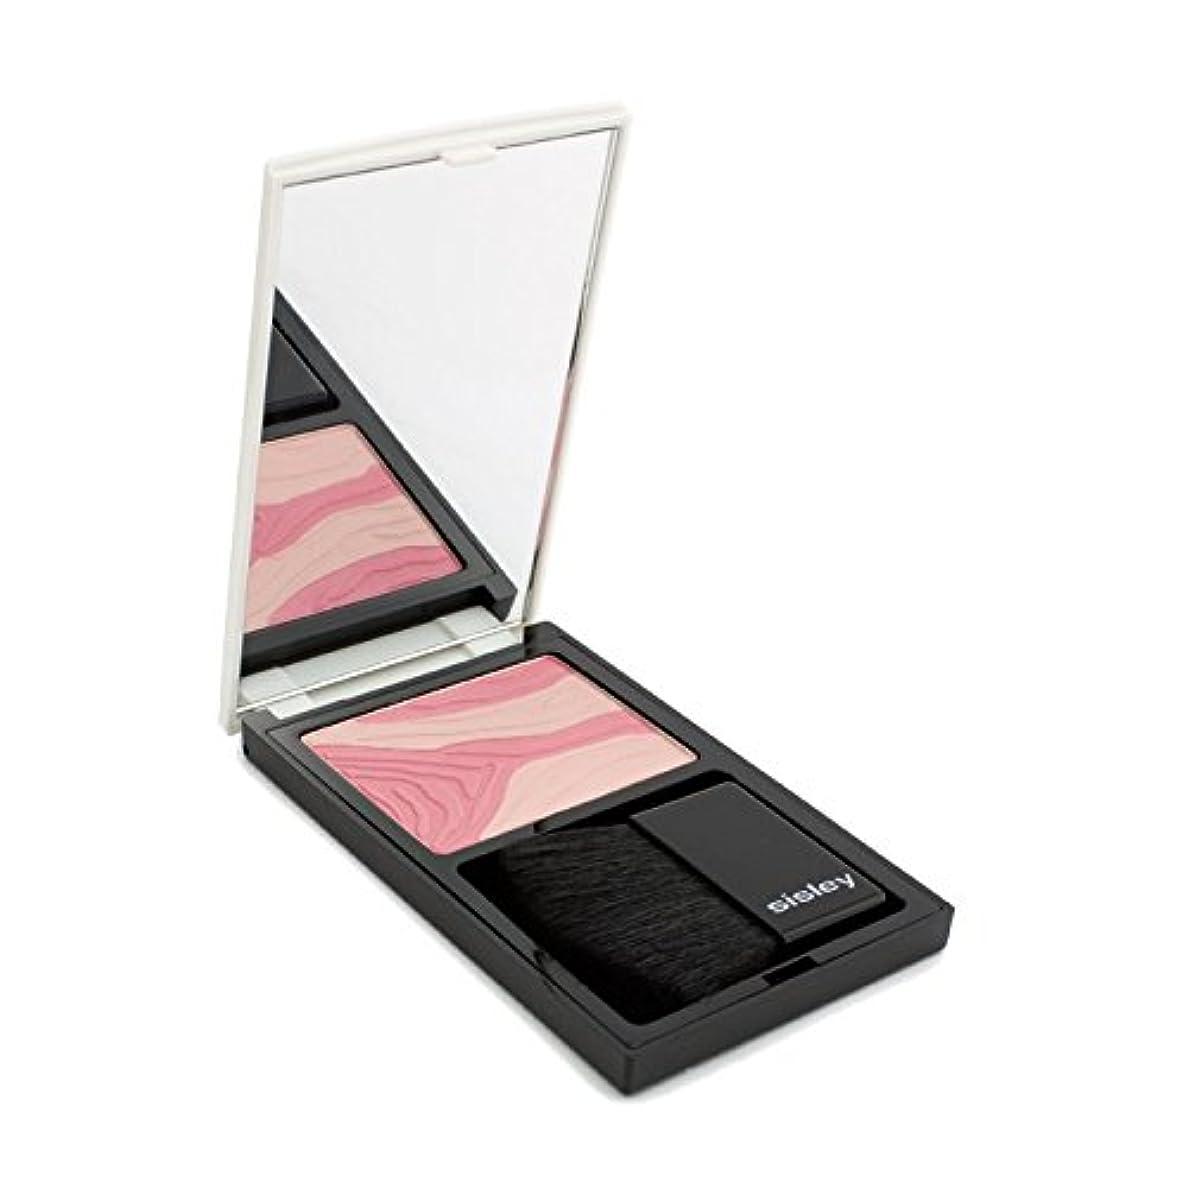 カバー一ジャンクシスレー  フィト ブラッシュ エクラ - # No. 4 Pink Rose 7g/0.24oz並行輸入品